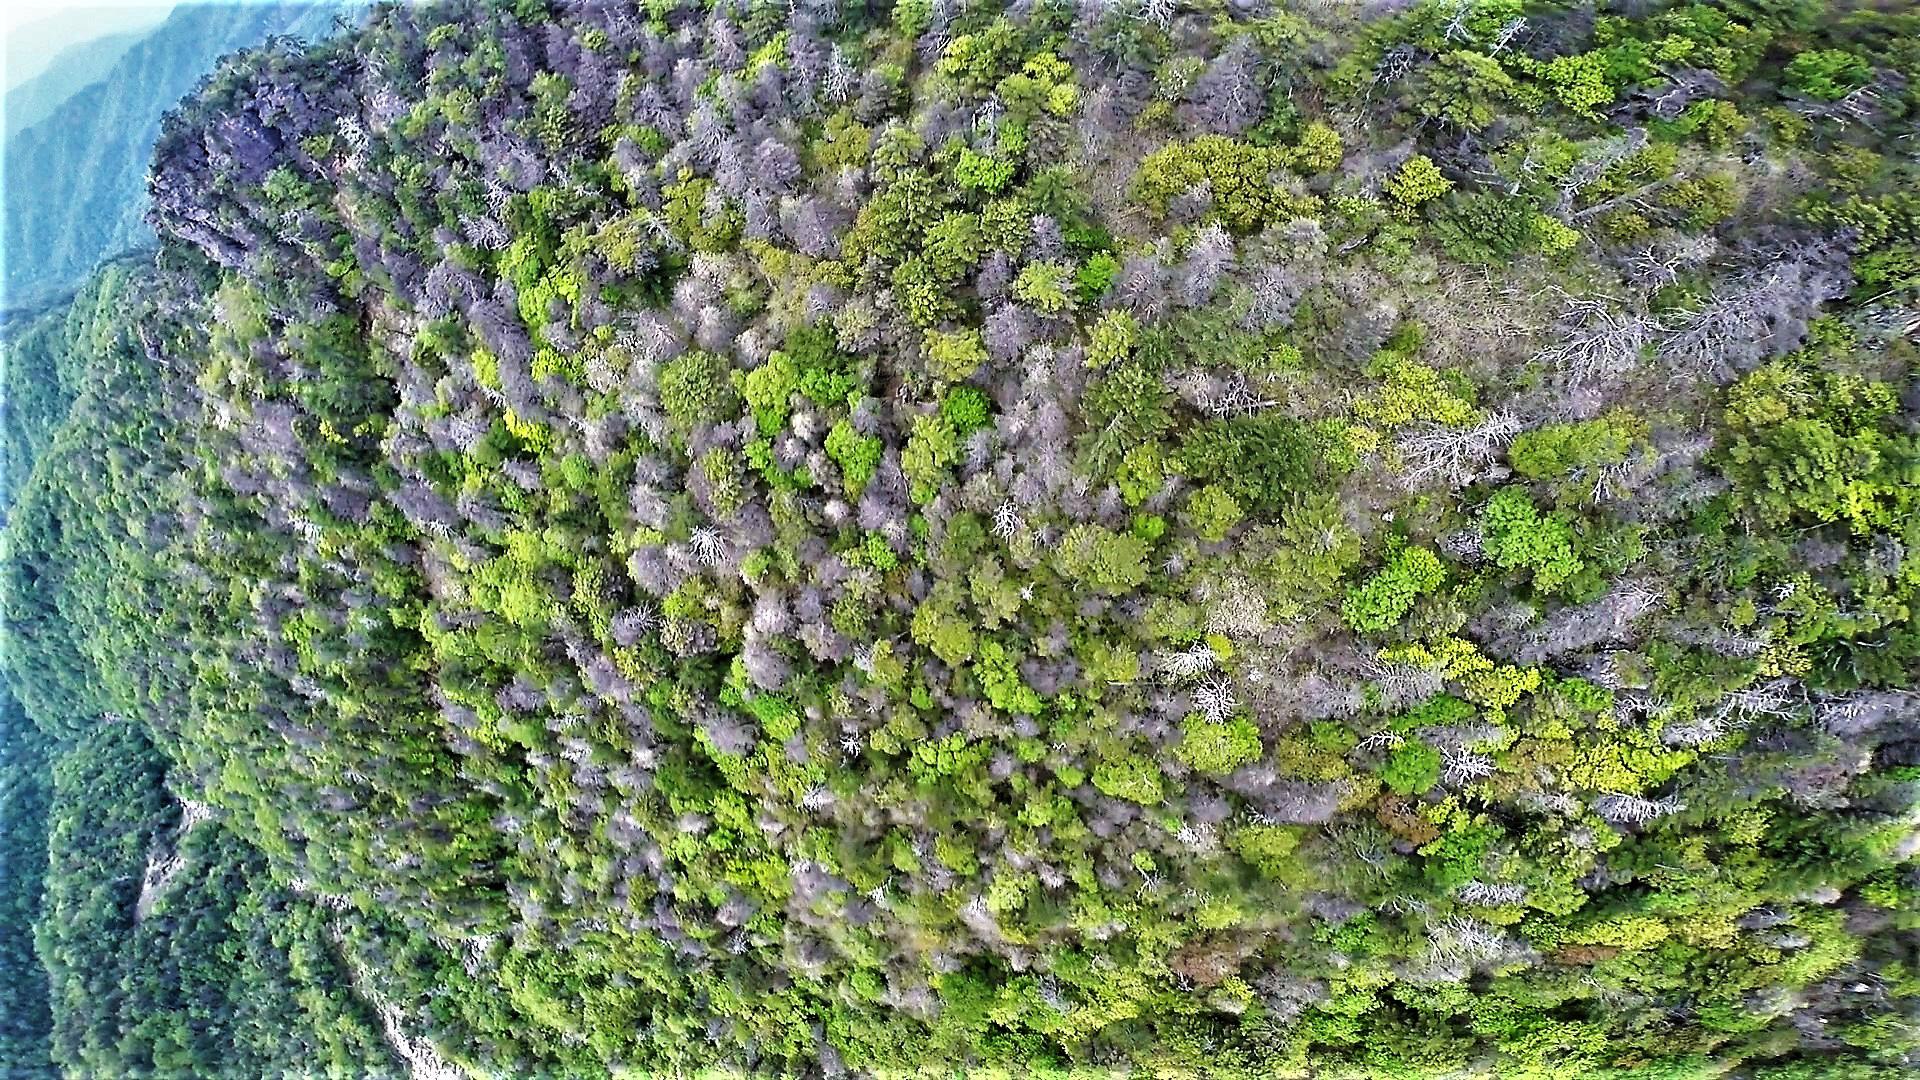 녹색연합이 지난해 9월 공개한 지리산 정상봉인 천왕봉-중봉 북사면에 나타난 고산침엽수 떼죽음 모습. 녹색연합은 국립백두대간수목원과 함께 지난 5월부터 8월까지 약 4개월간 현장을 조사한 결과 구상나무와 가문비나무가 빠른 속도로 죽어갔다고 설명했다. [녹색연합 제공= 뉴스1]